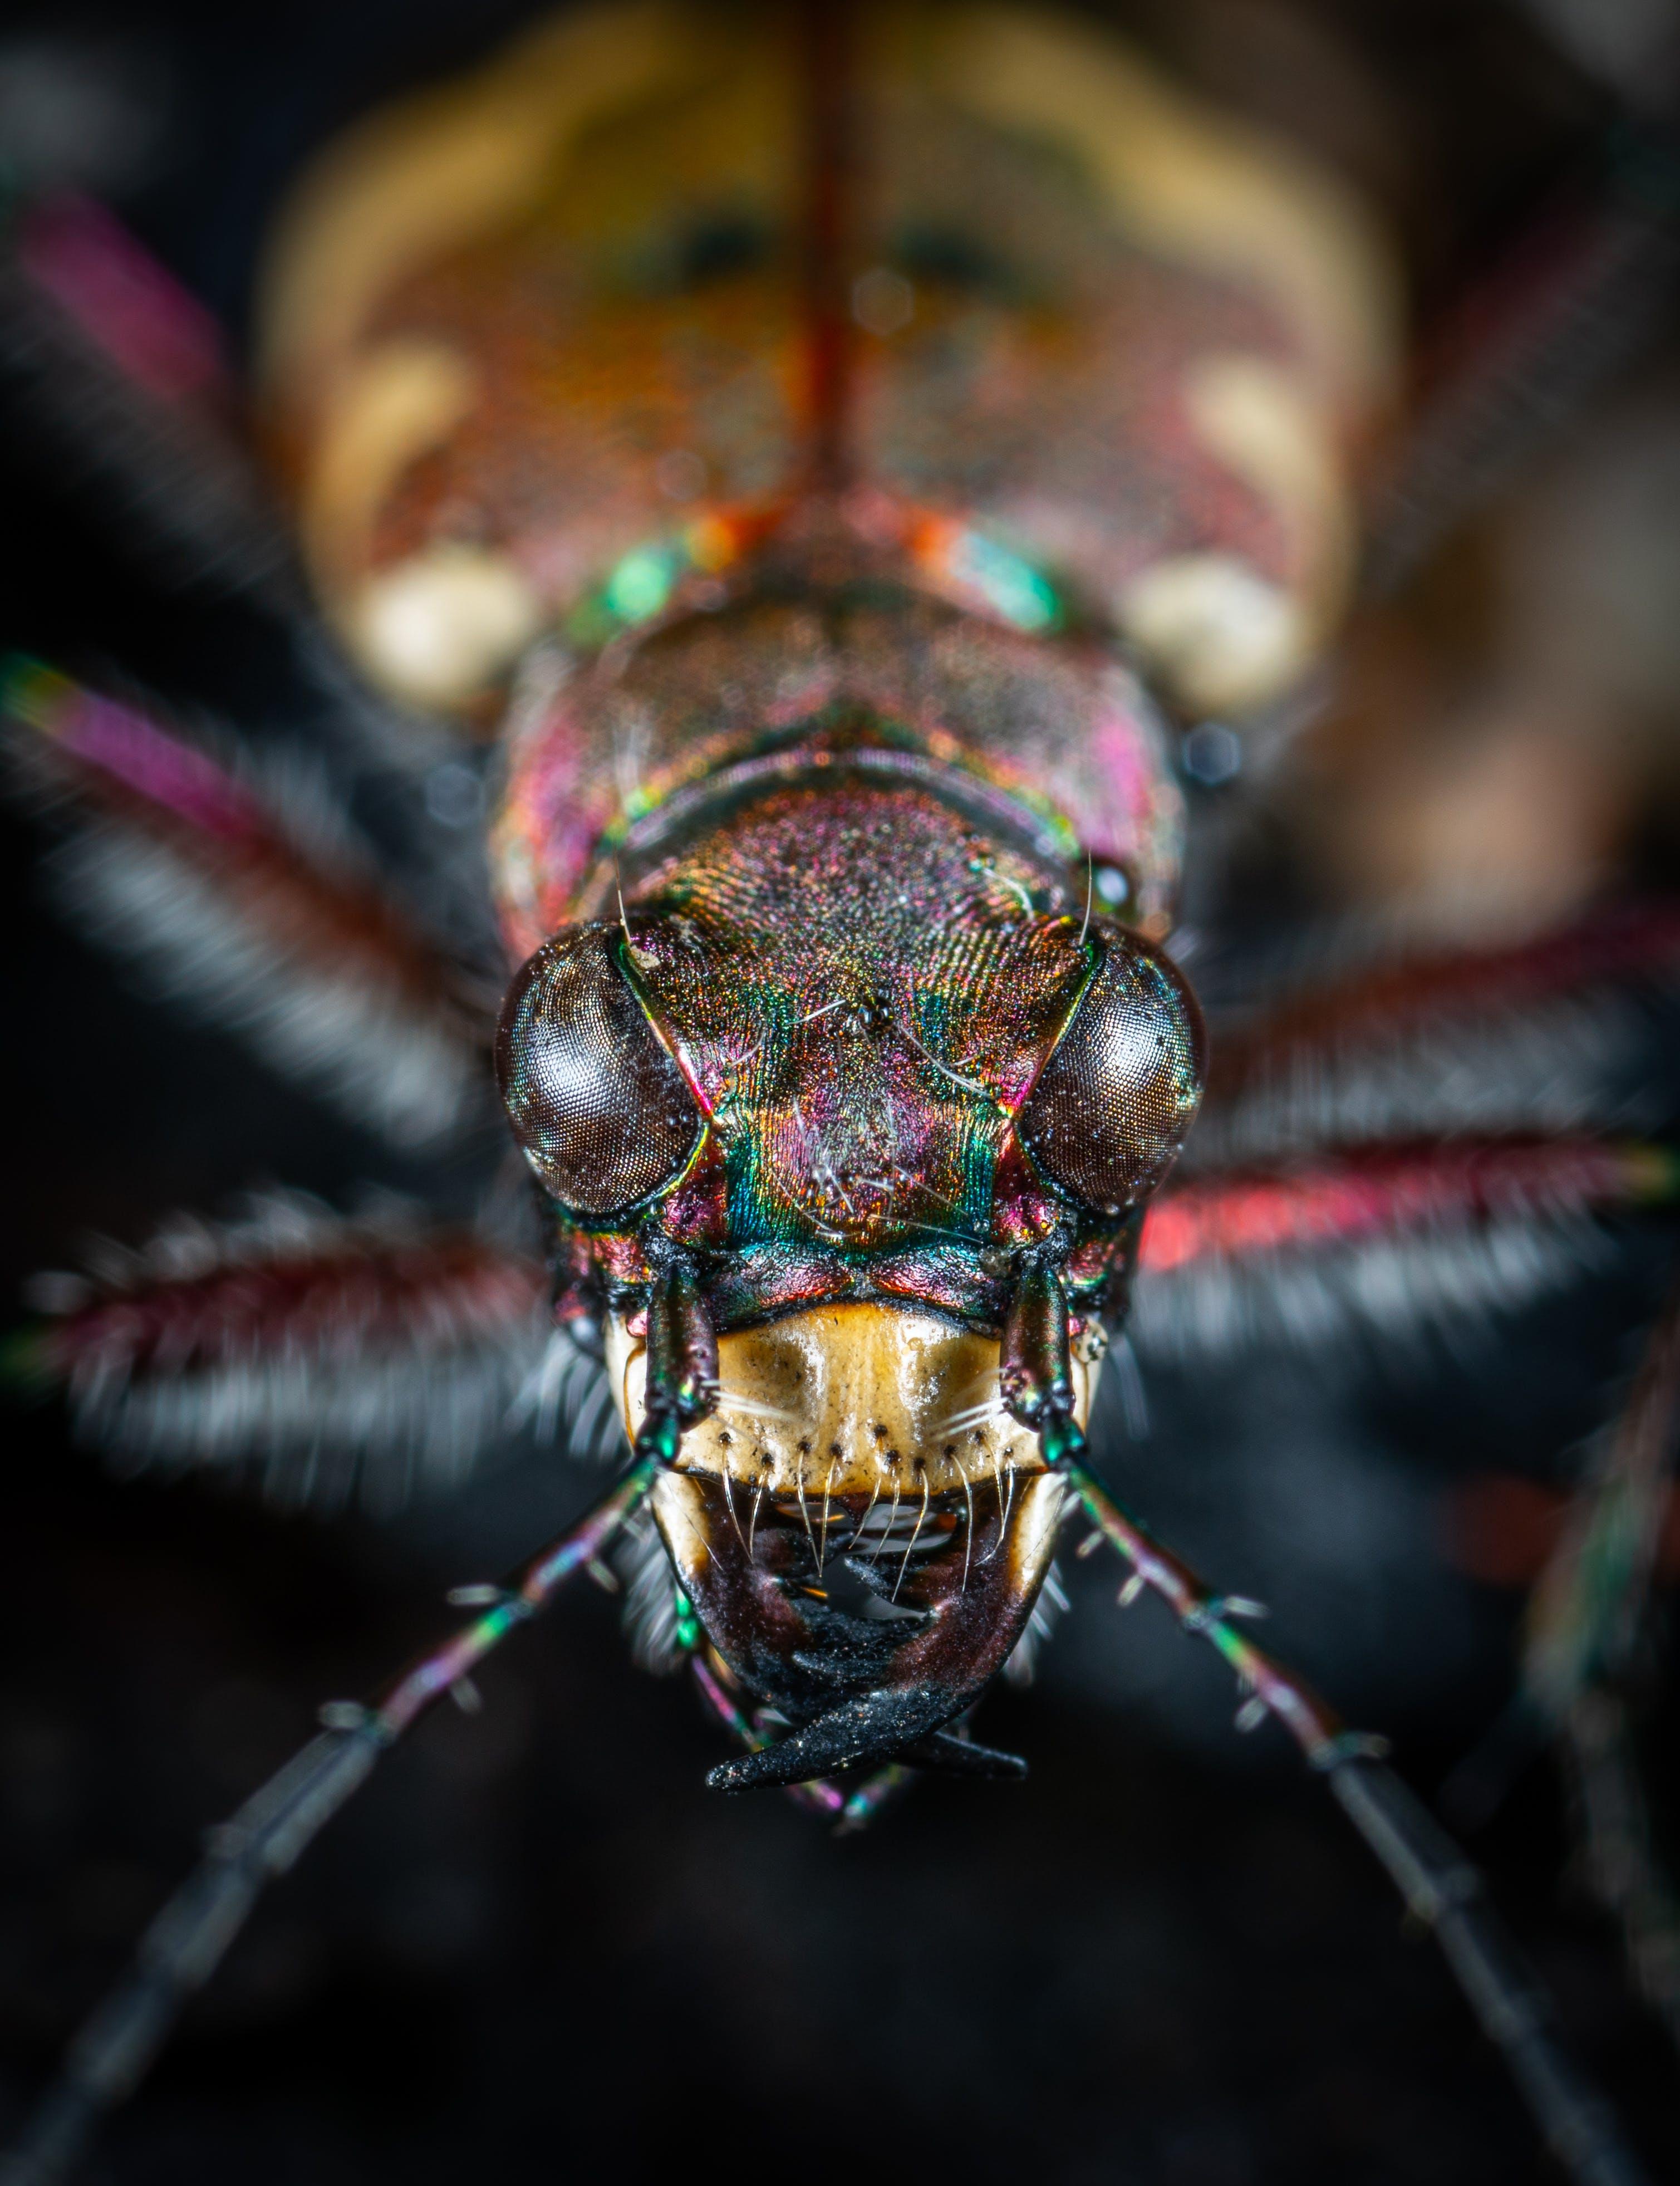 動物, 宏觀, 小蟲, 微距攝影 的 免费素材照片